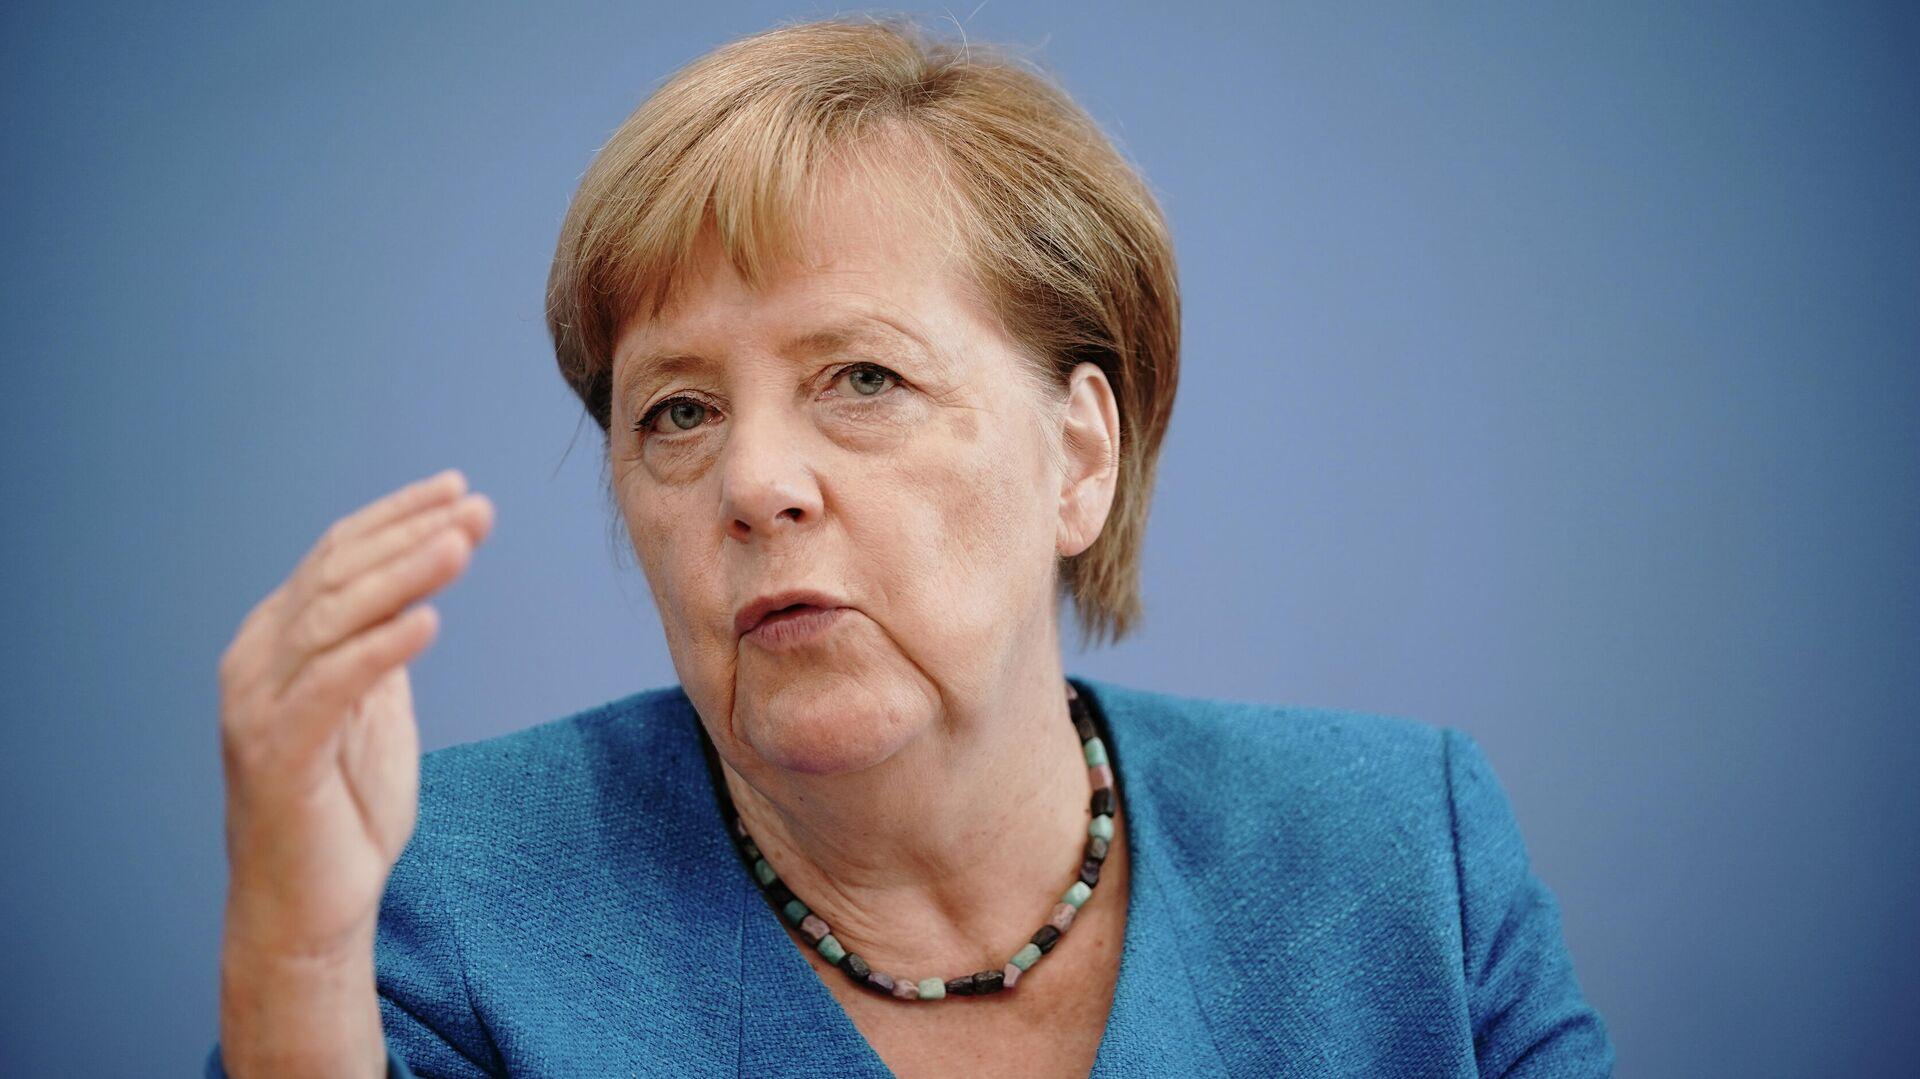 Ангела Меркель во время пресс-конференции в Берлине - РИА Новости, 1920, 25.09.2020